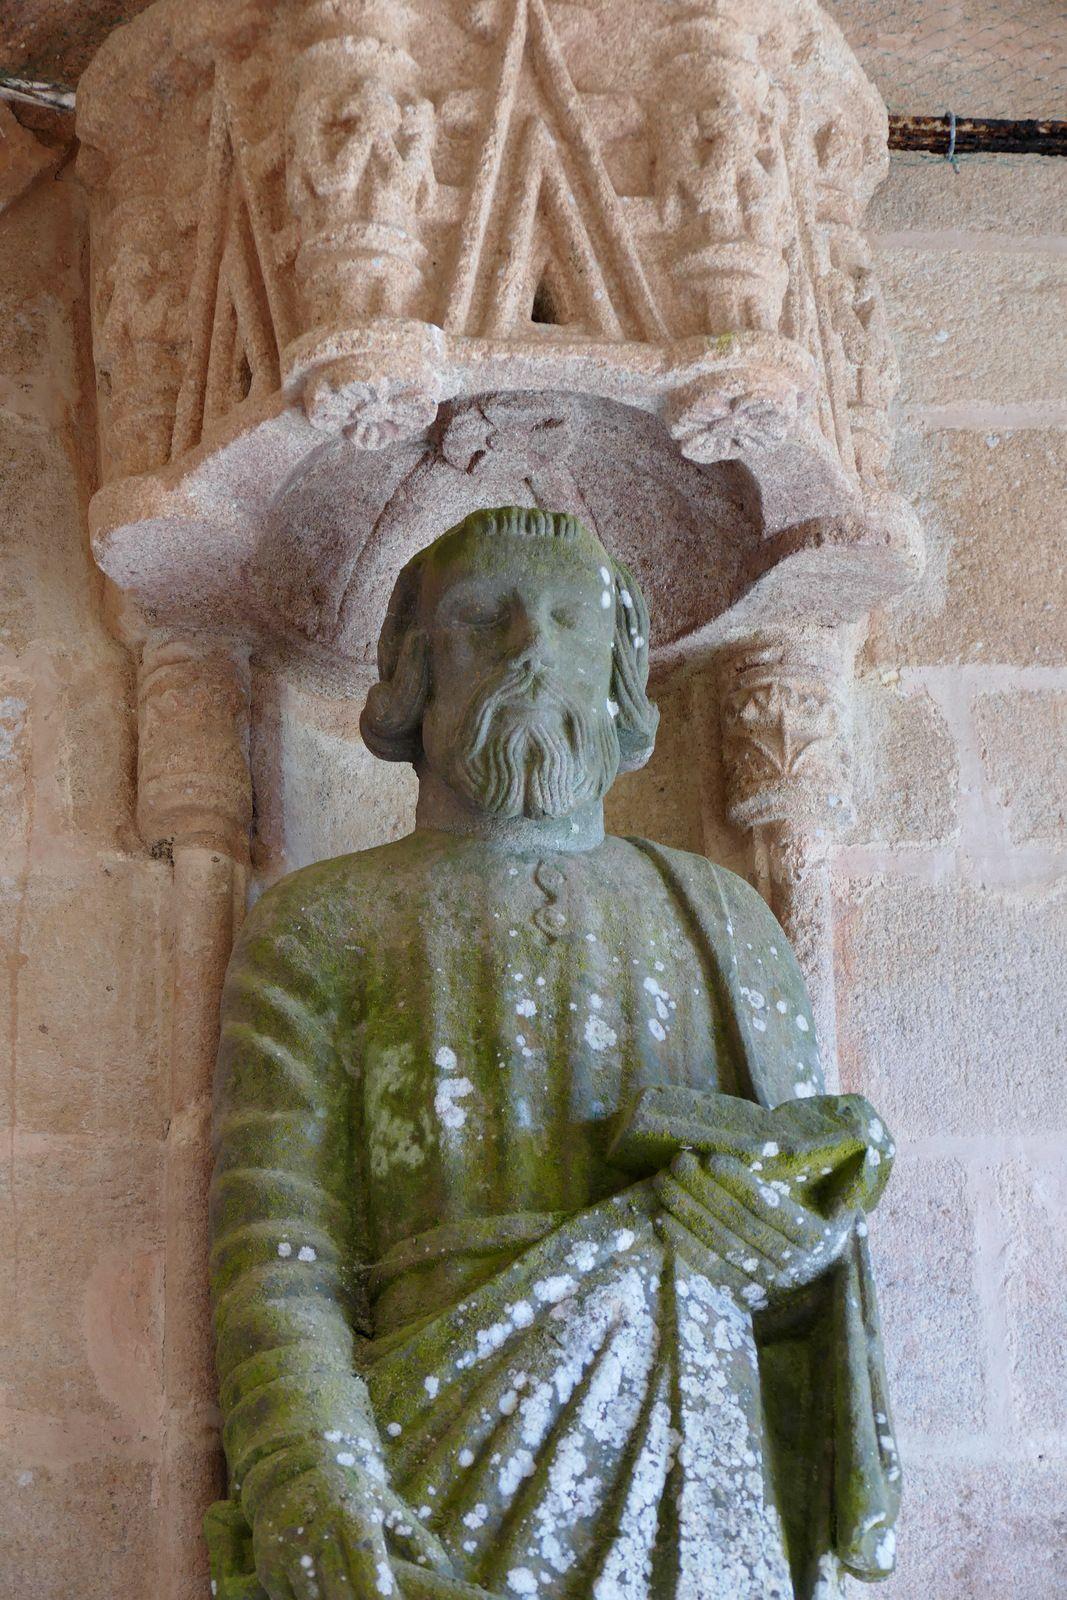 Apôtres  (kersanton, Maître de Plougastel, début XVIIe) du porche intérieur de la  chapelle Saint-Tugen en Primelin. Photographie lavieb-aile mars 2020.